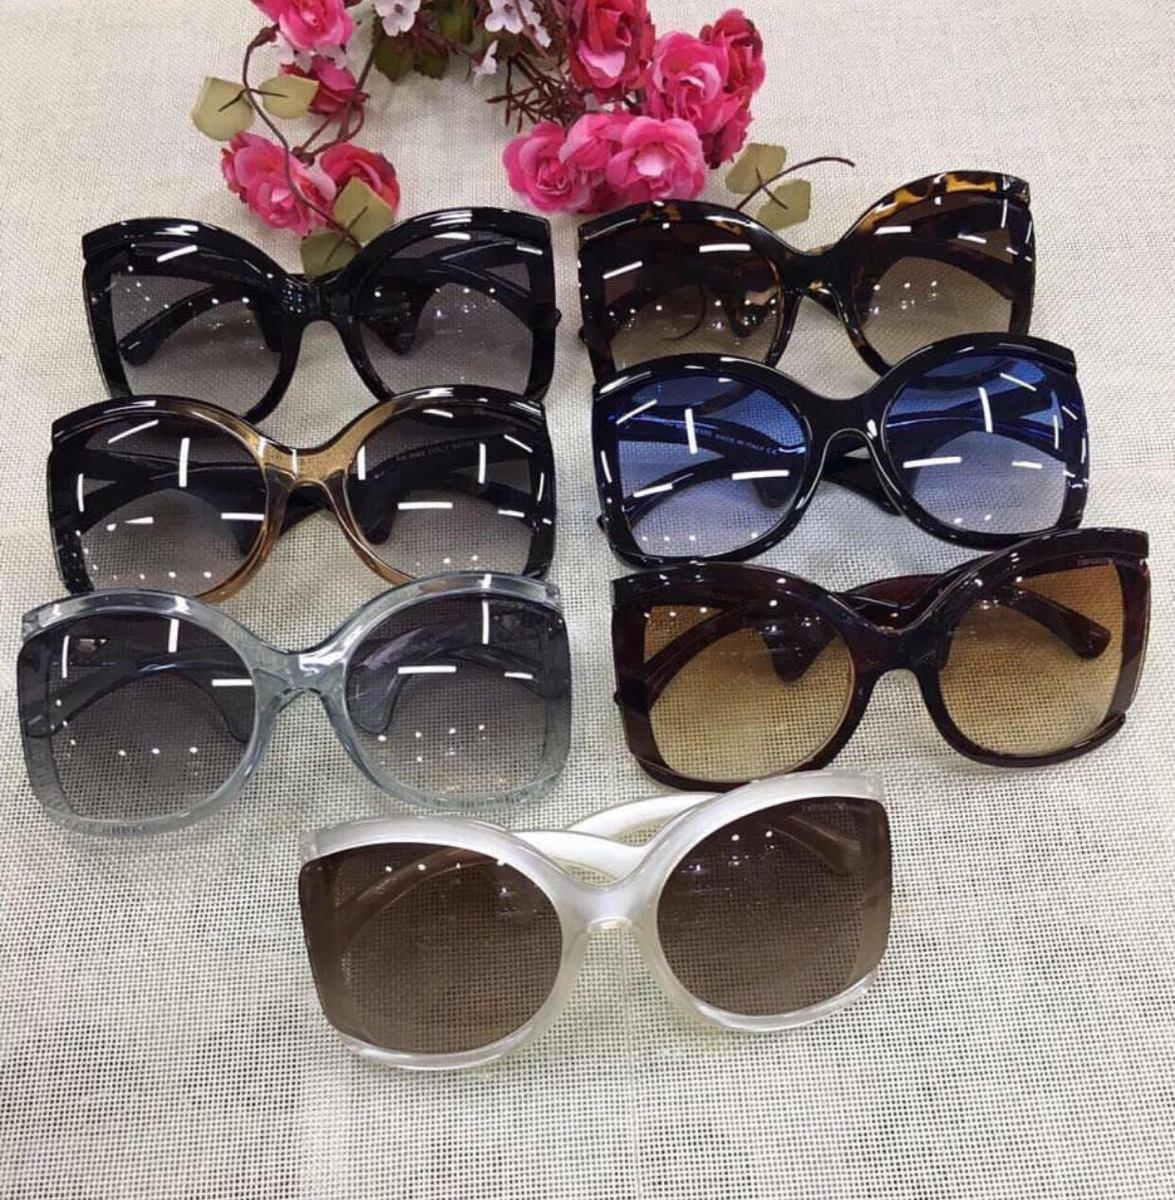 6ea9fcb3d7d93 Óculos De Sol Feminino - Empório Armani - R  99